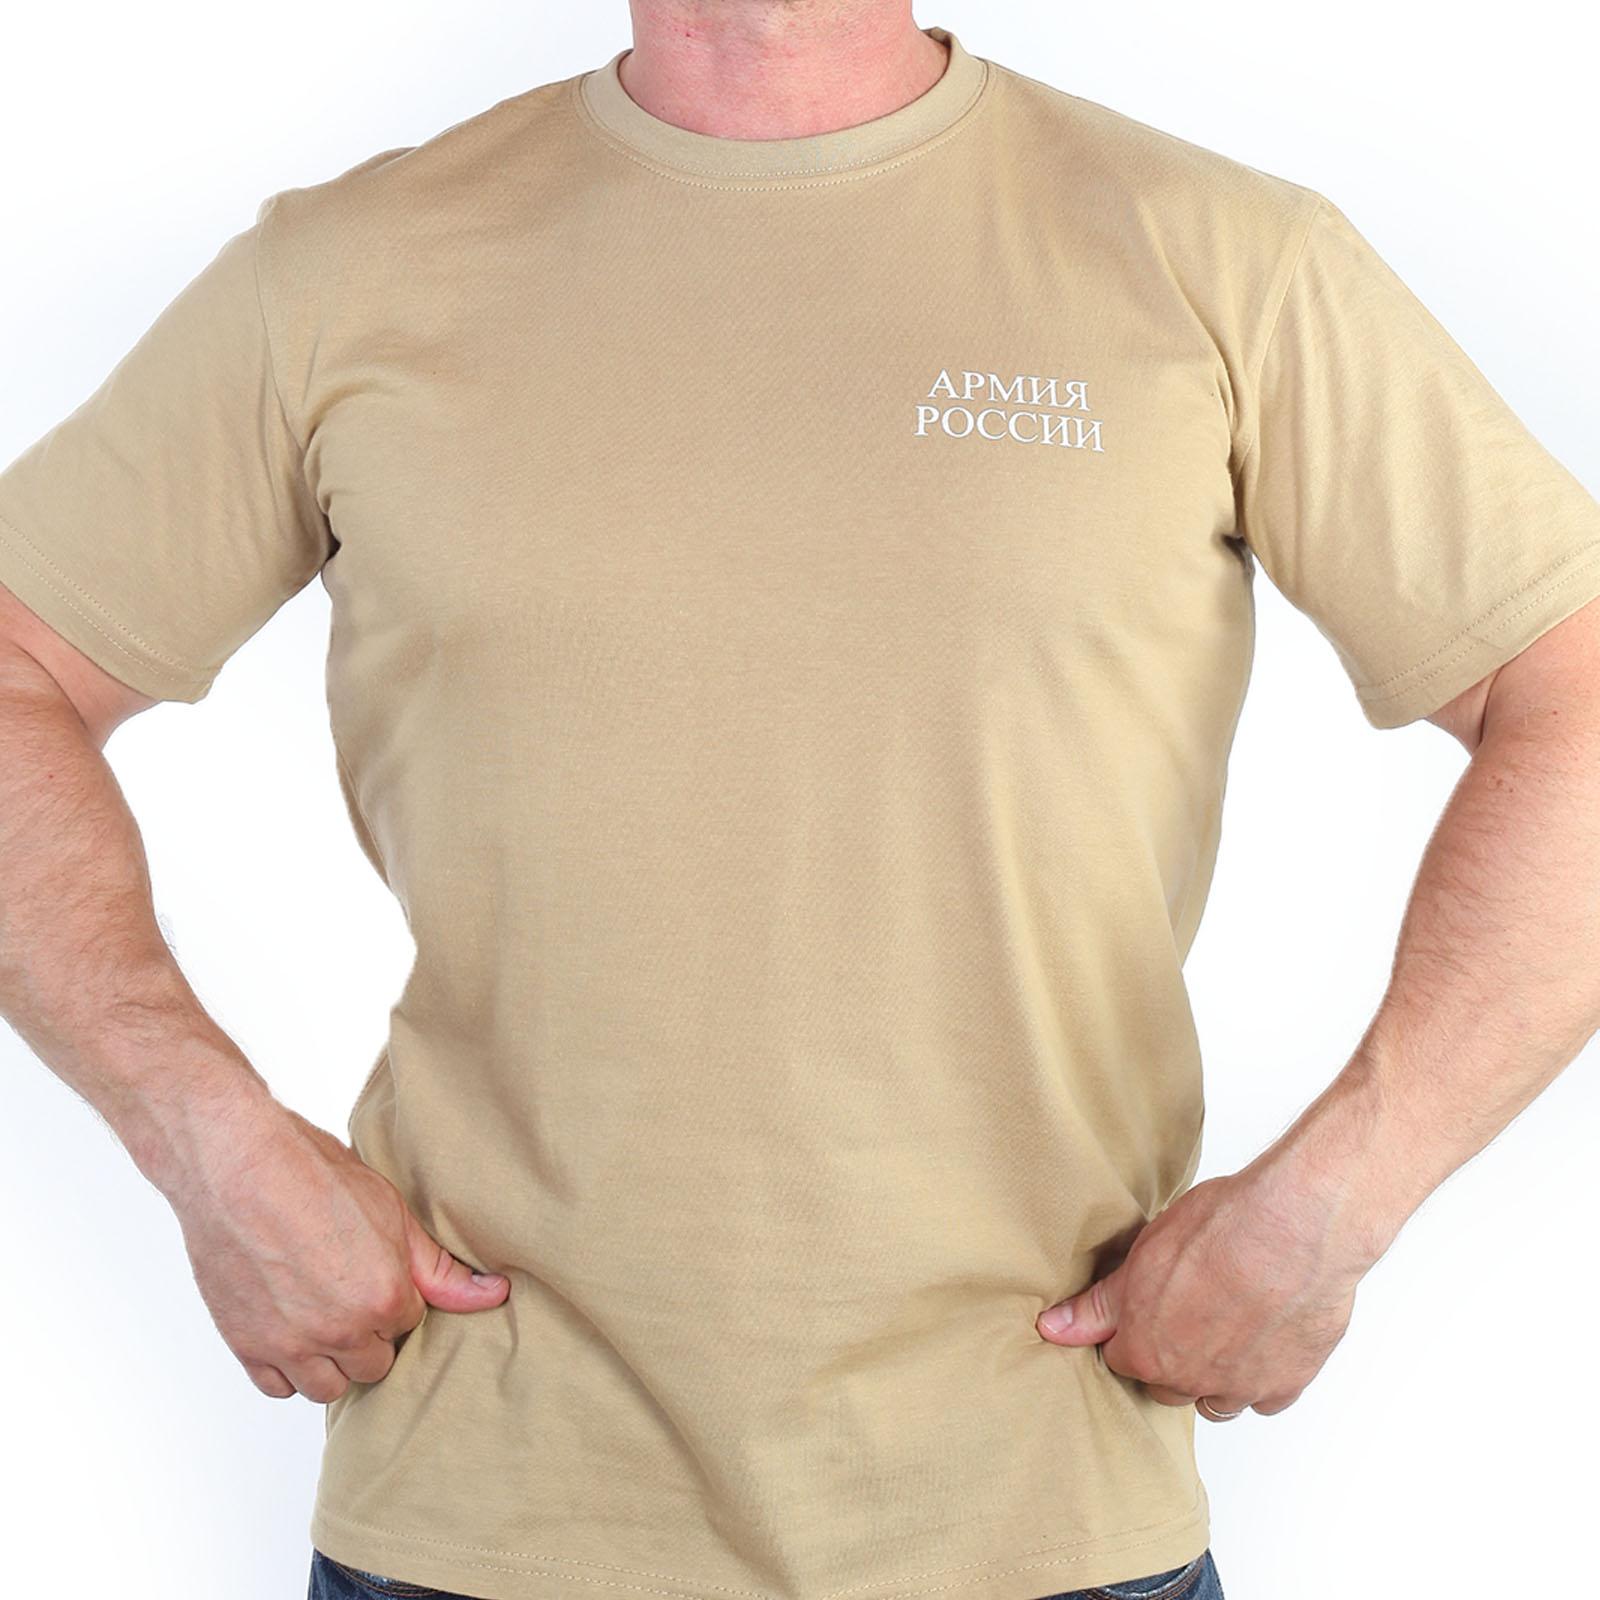 Недорогая уставная футболка «Армия России»